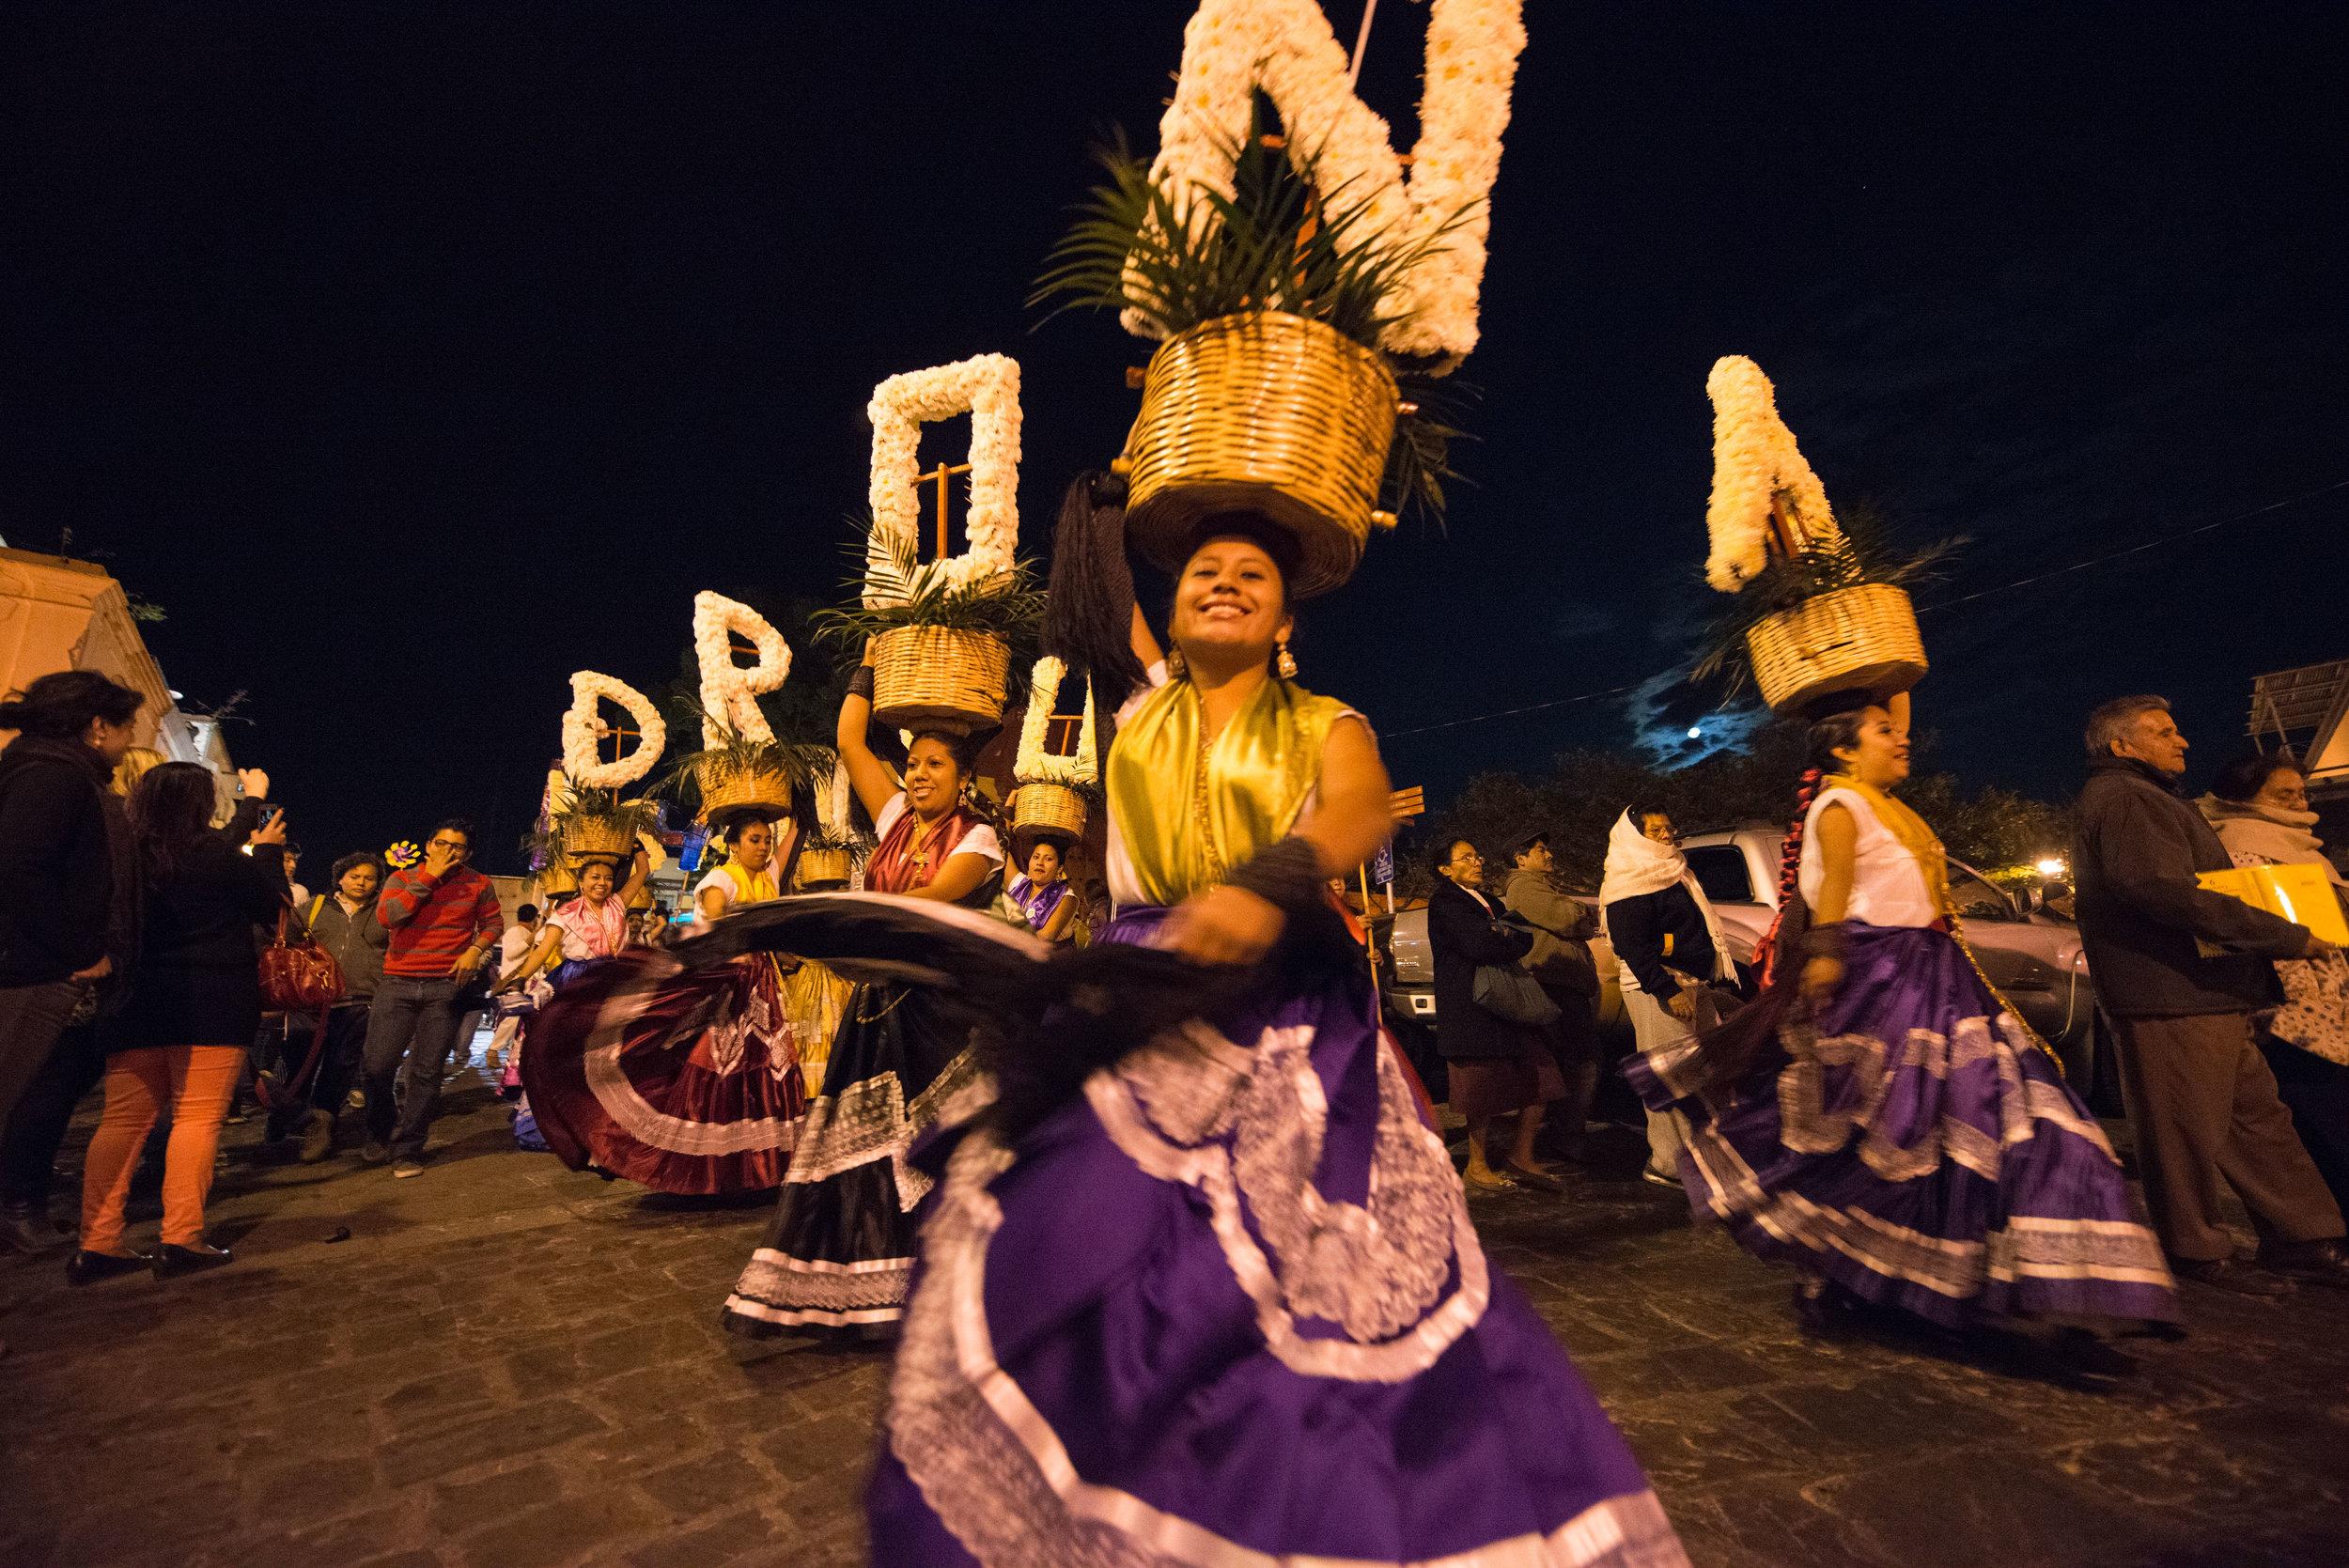 140117-Oaxaca-3183.jpg